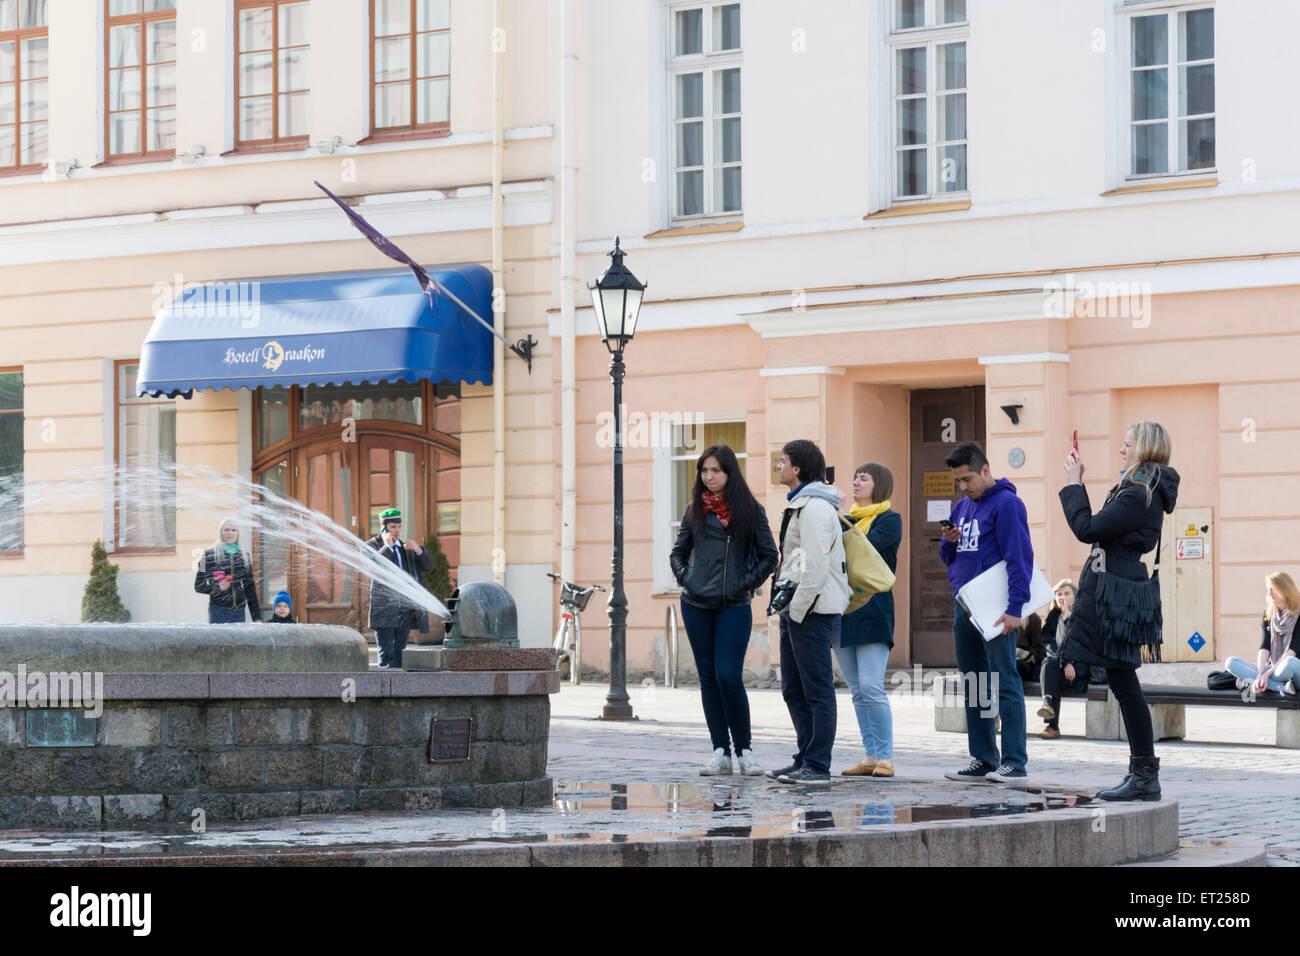 Un gruppo di turisti prestando attenzione ad una fontana a Tartu in Estonia Immagini Stock